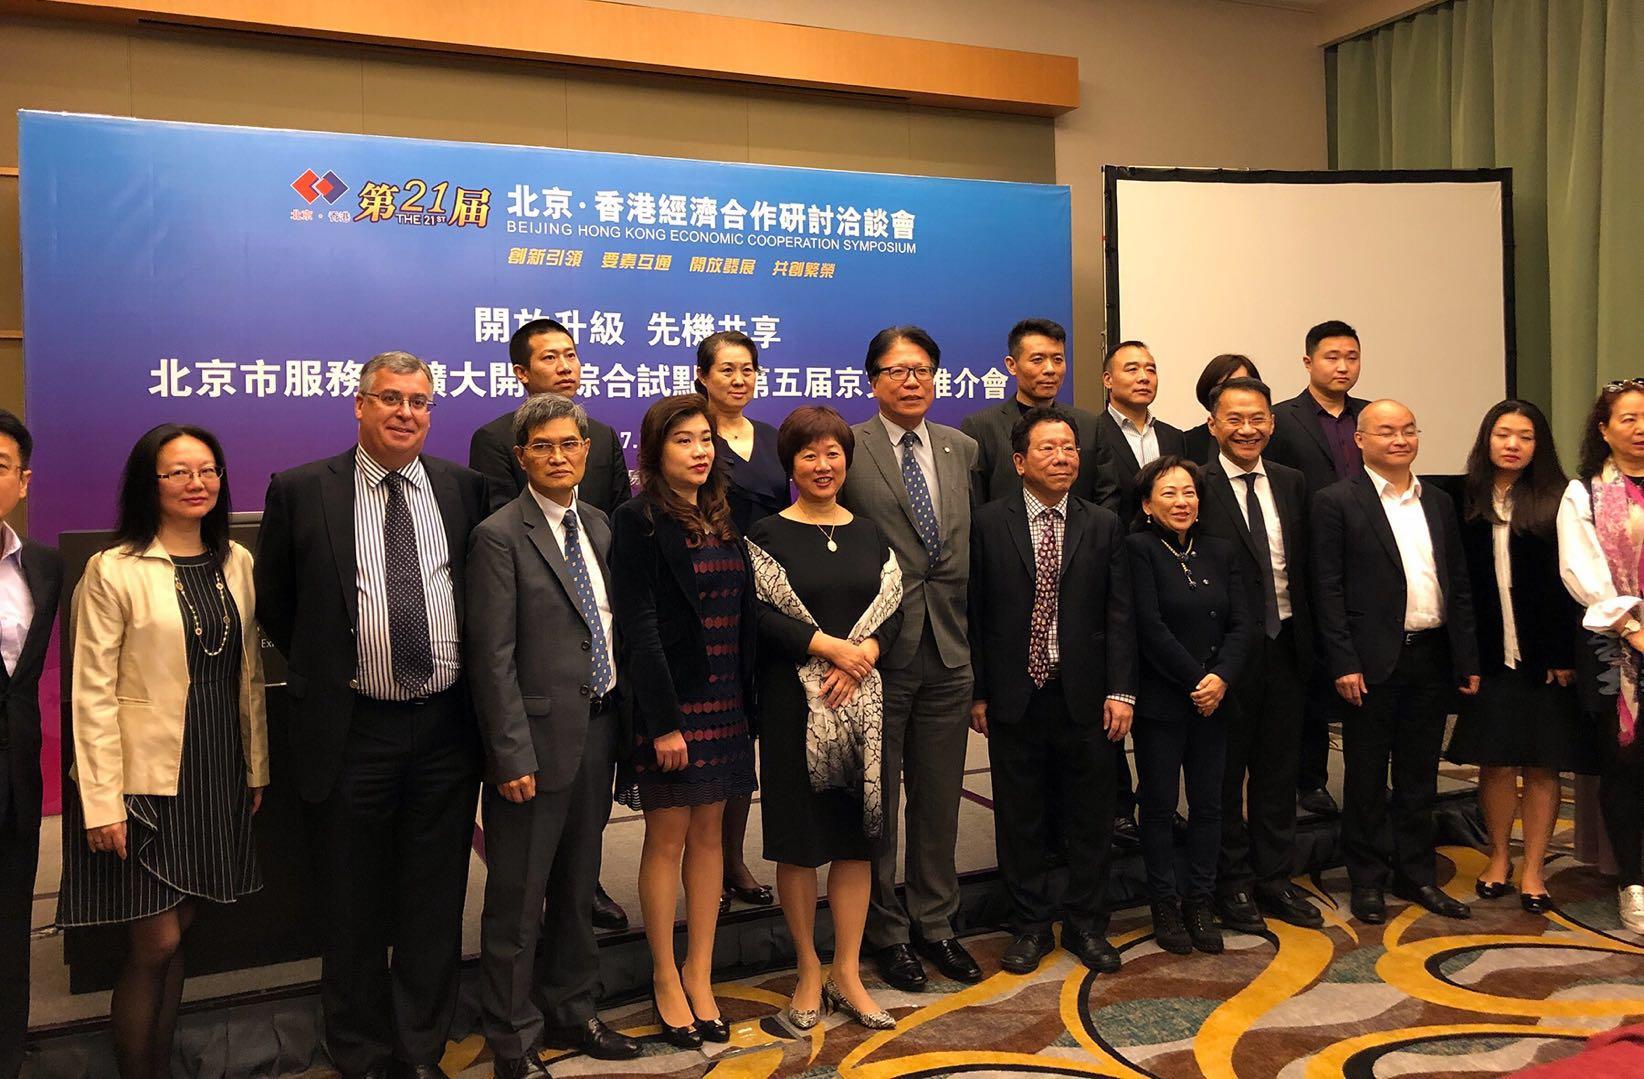 Beijing-Hong Kong Economic Cooperation Symposium